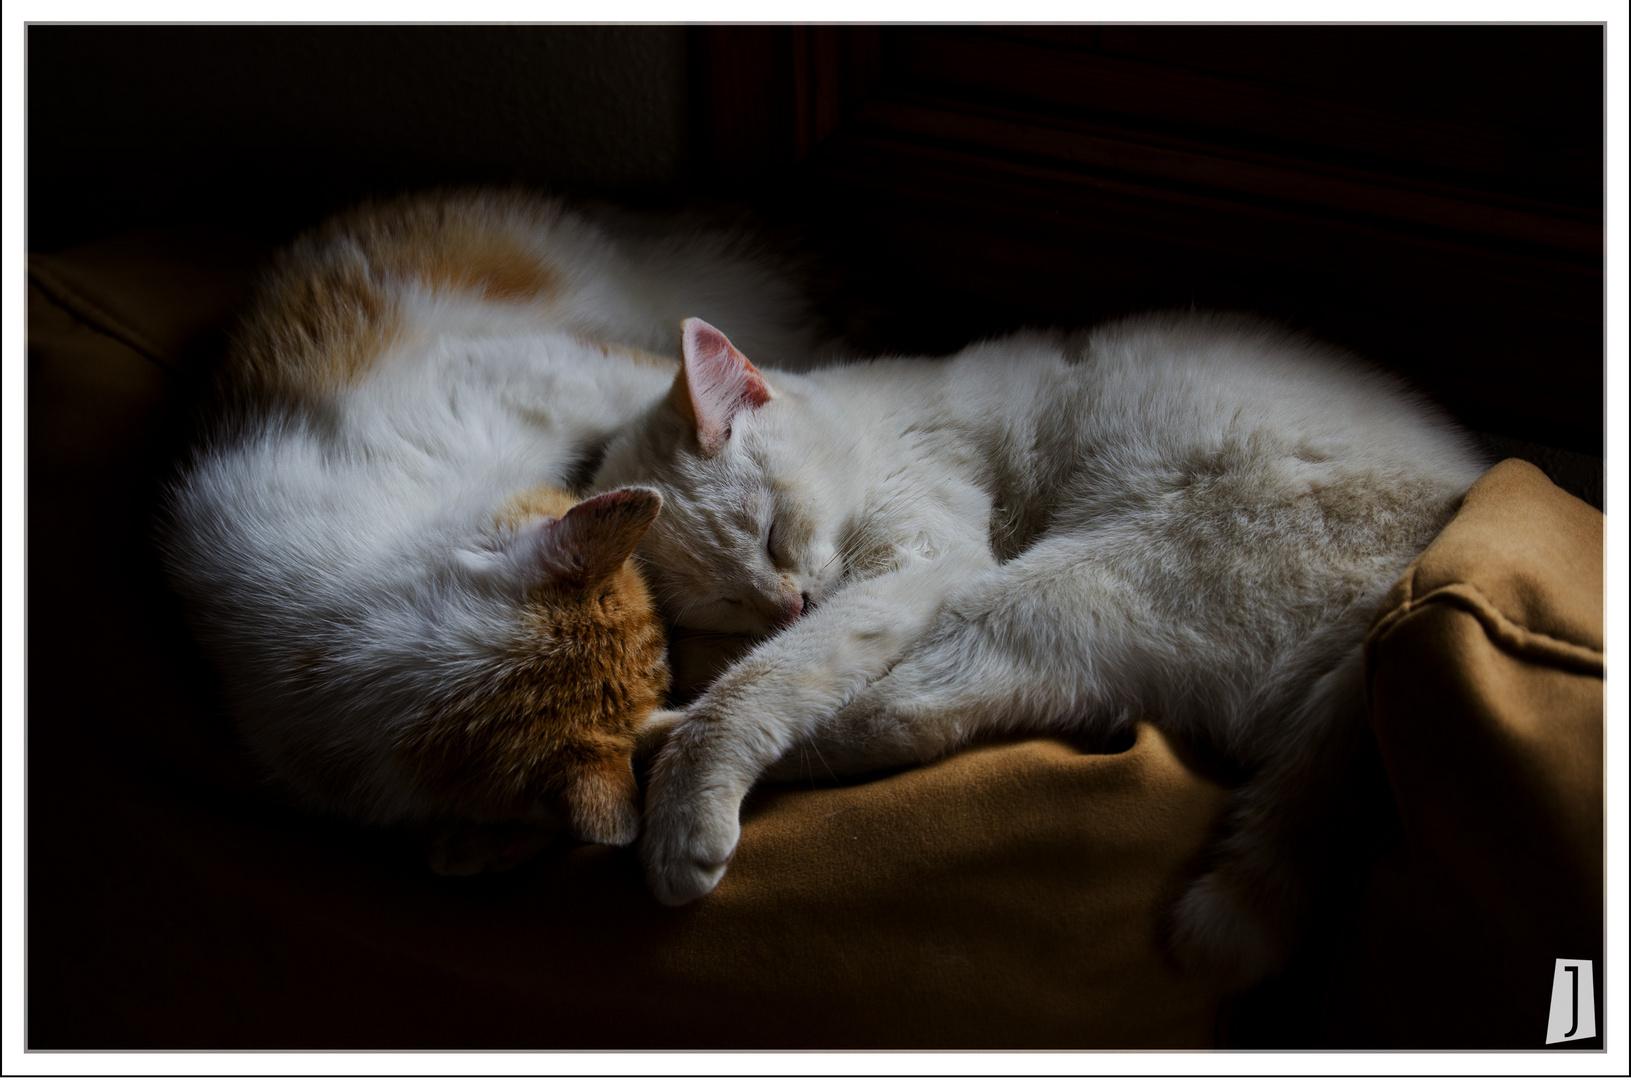 Descansando con cariño